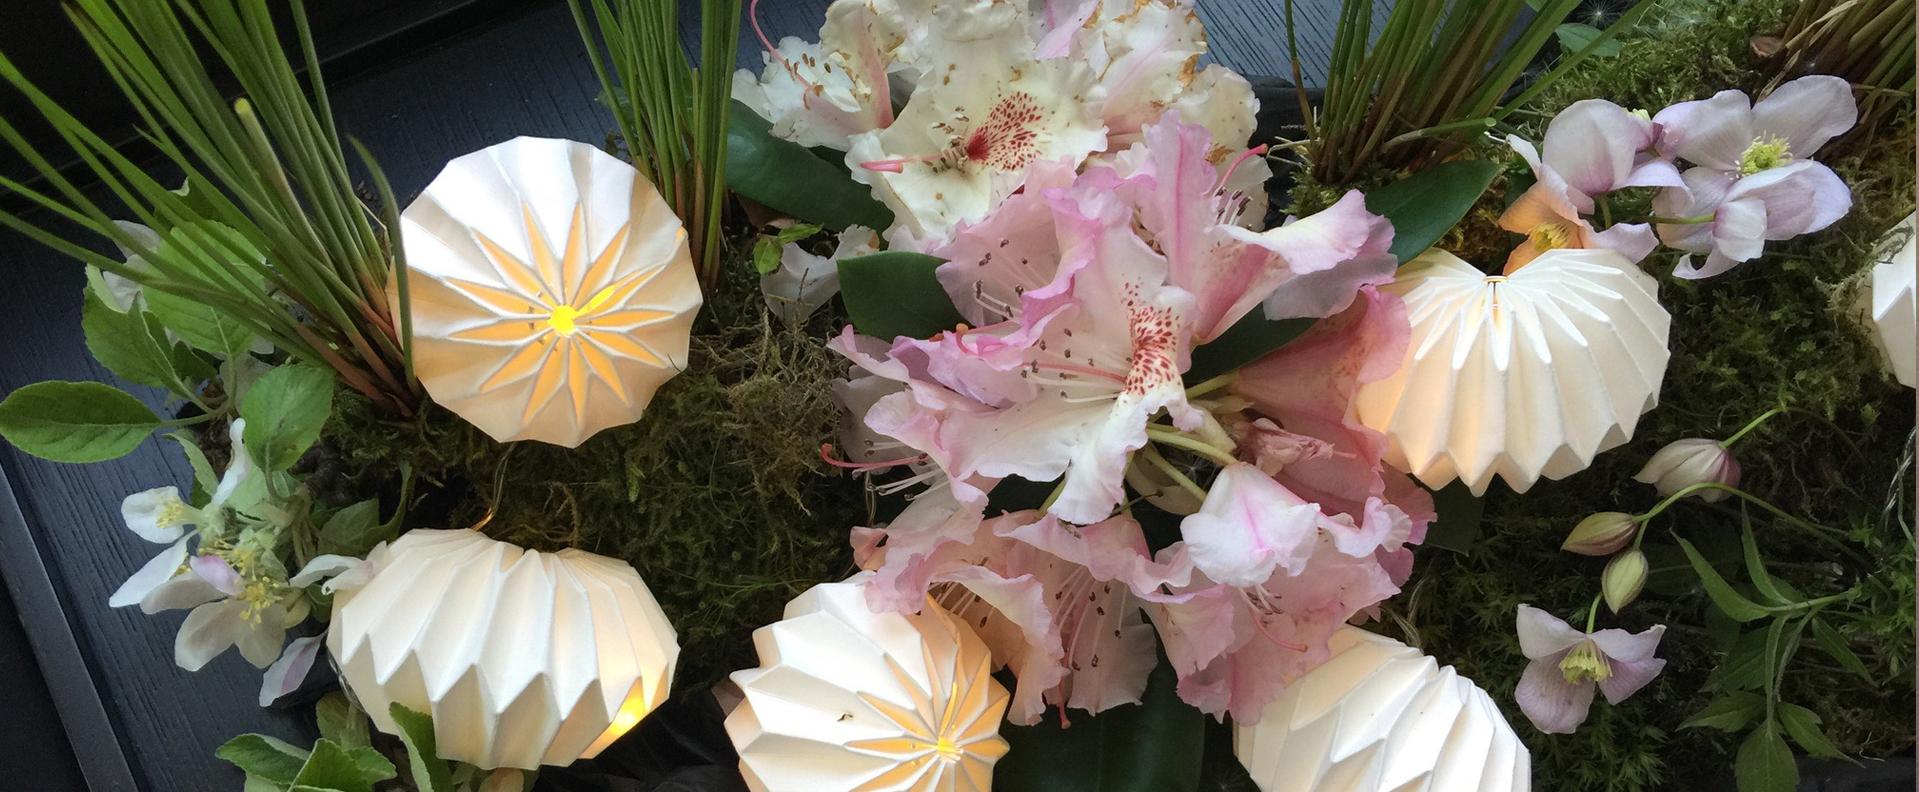 Deko Service deko service magnolia